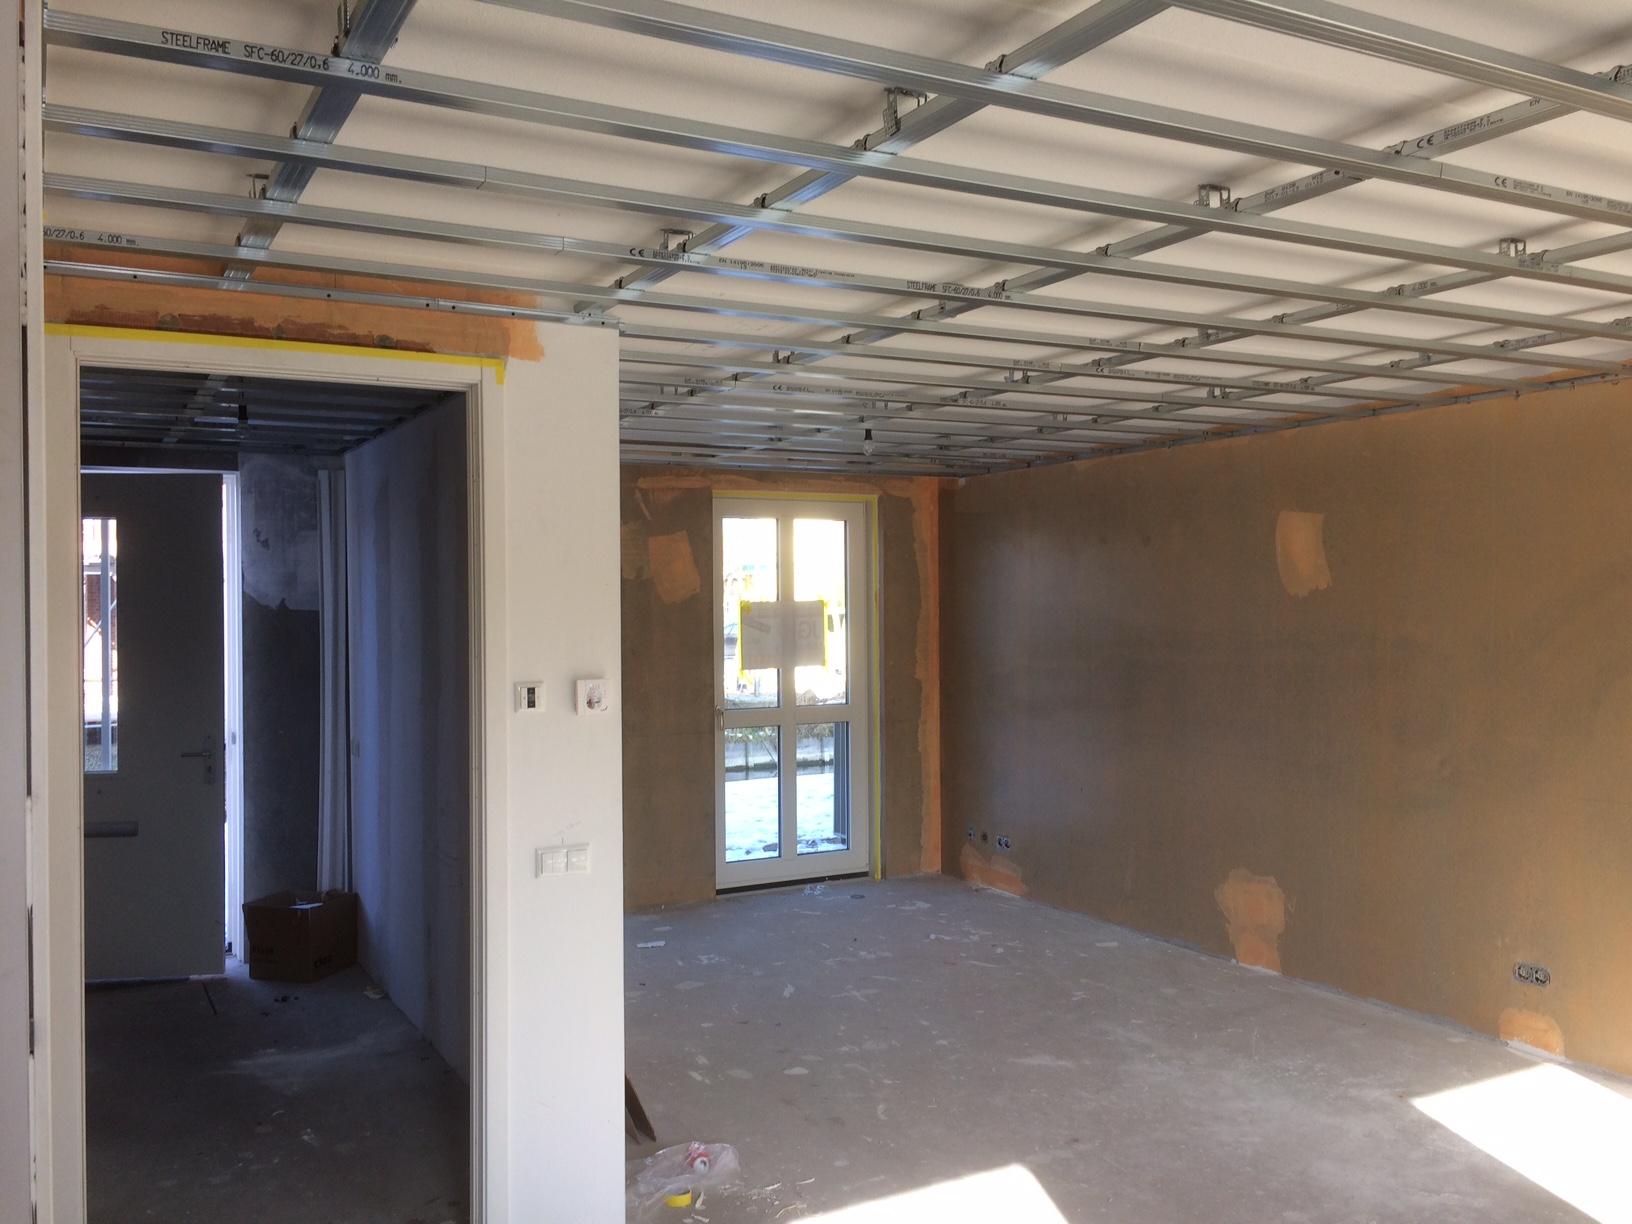 plafond verlagen cheap badkamer plafond met spotjes